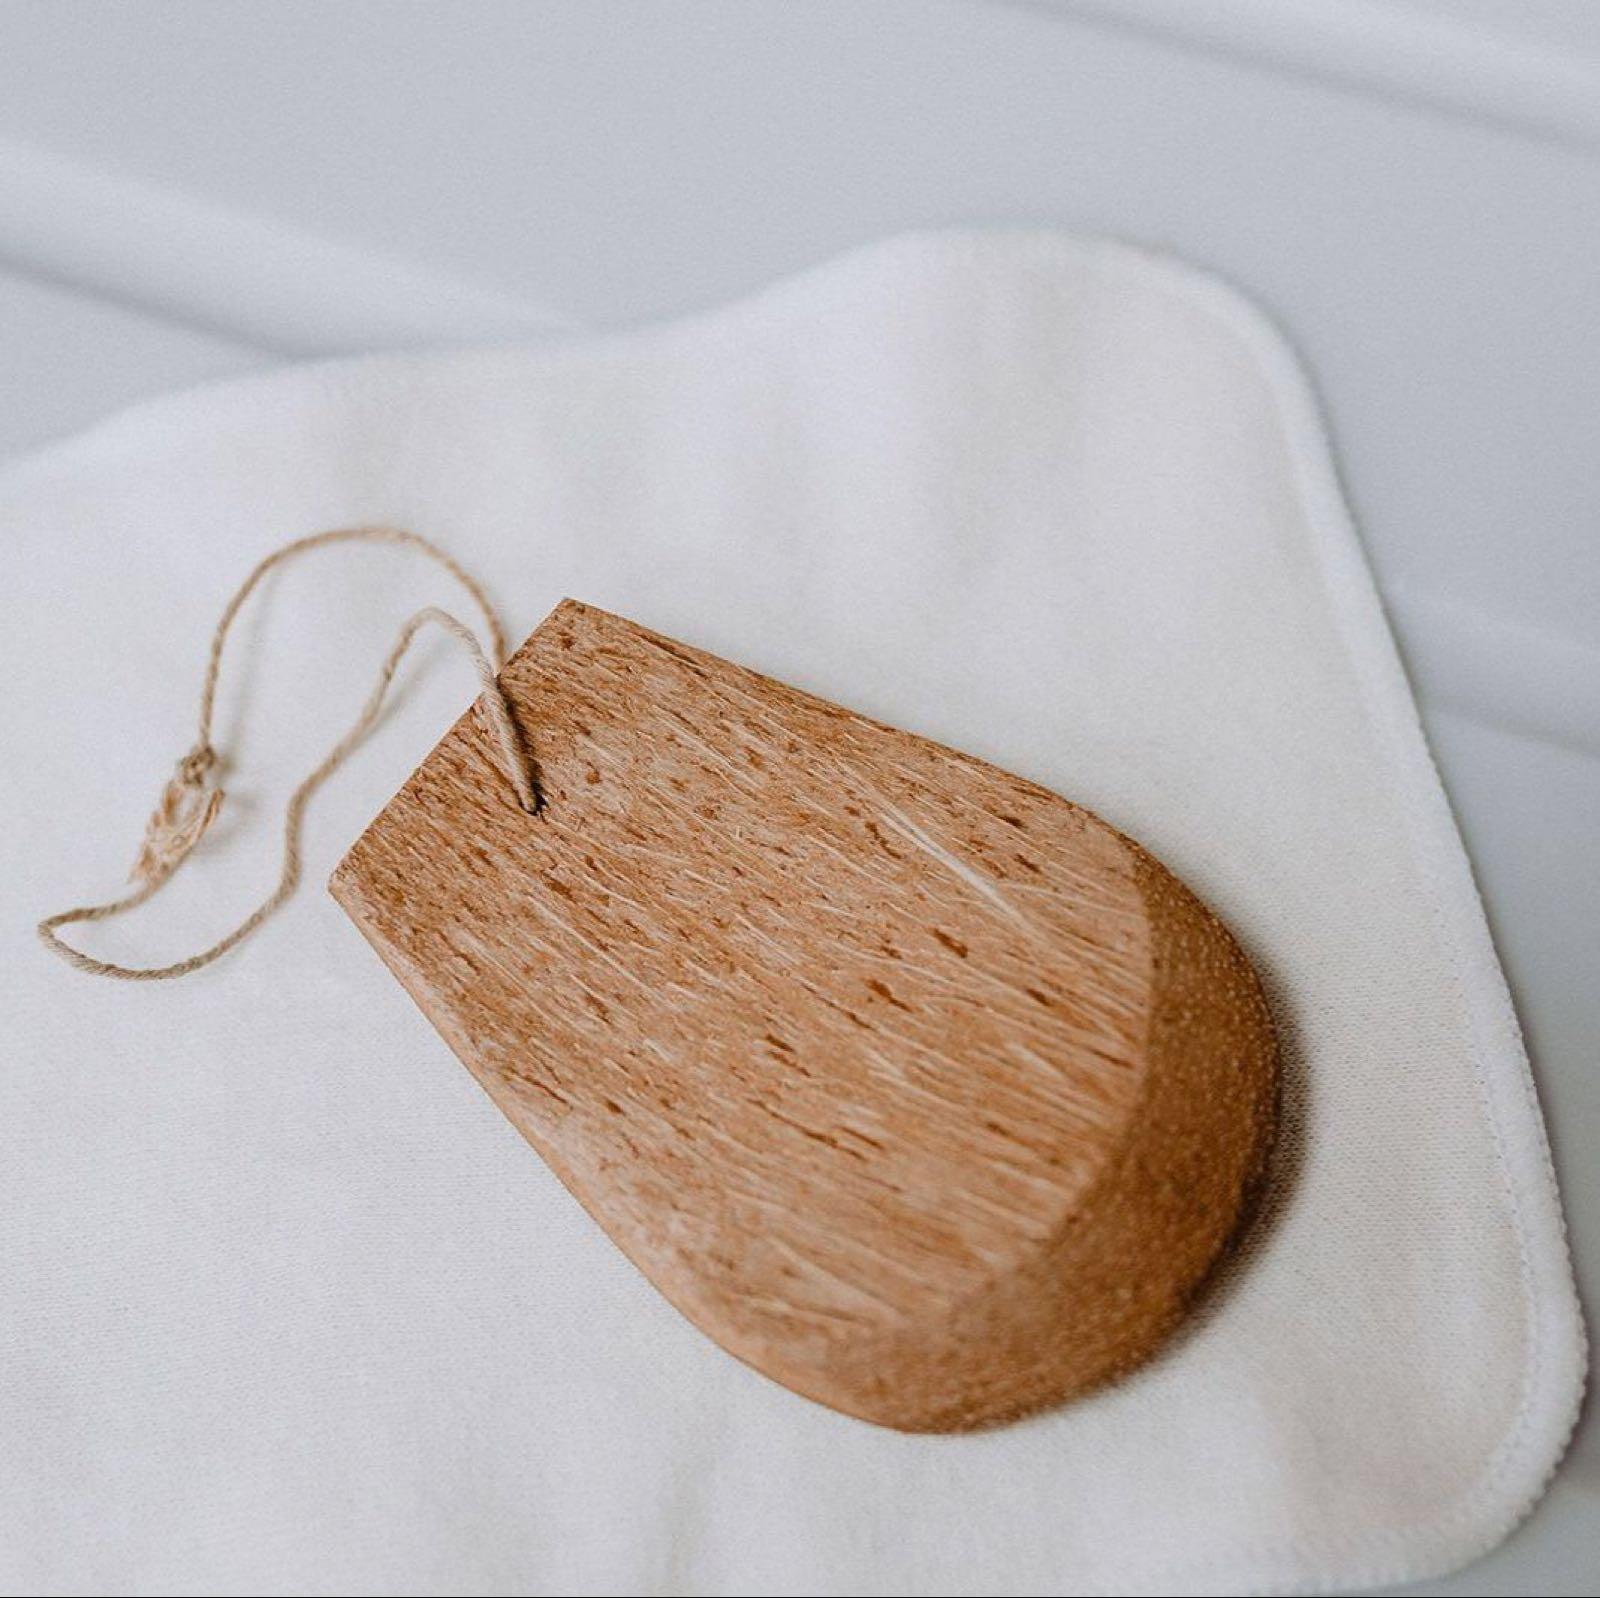 Coconut Pot Scraper